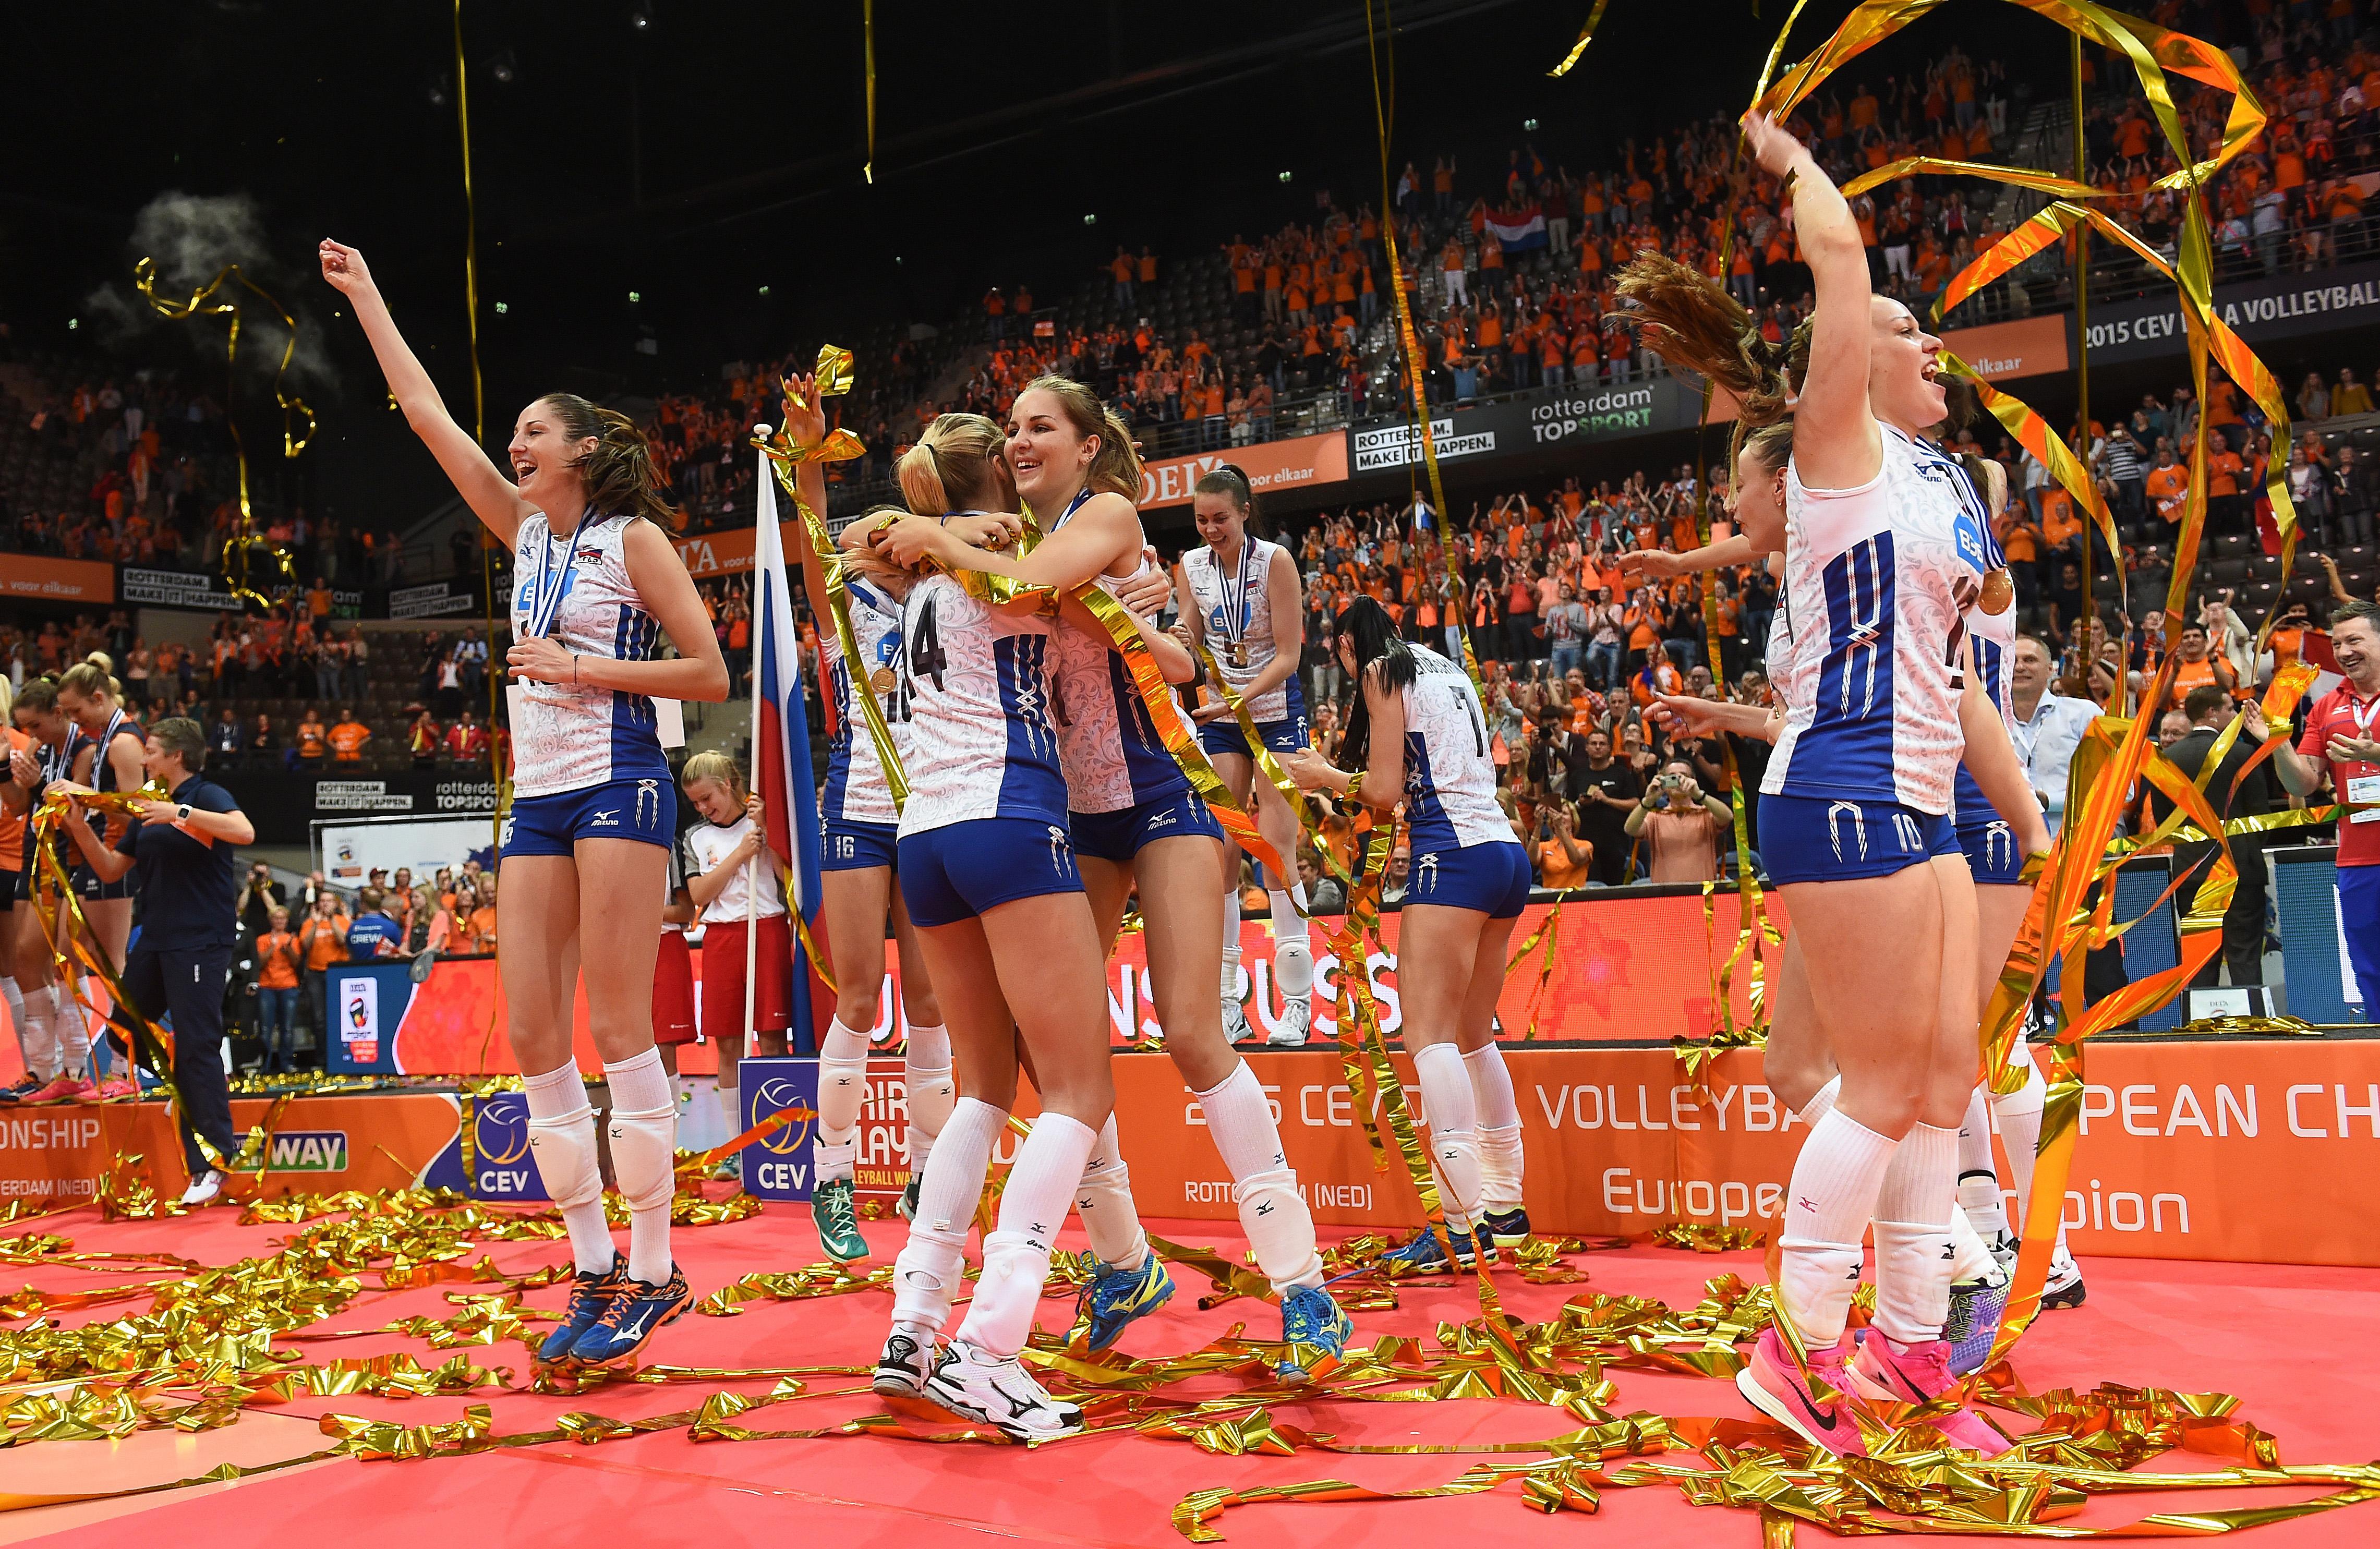 Die russische Nationalmannschaft feiert ihren Sieg im Finale der Frauen-Europameisterschaft 2015 im Volleyball. Im Finale besiegte man die Niederlande.